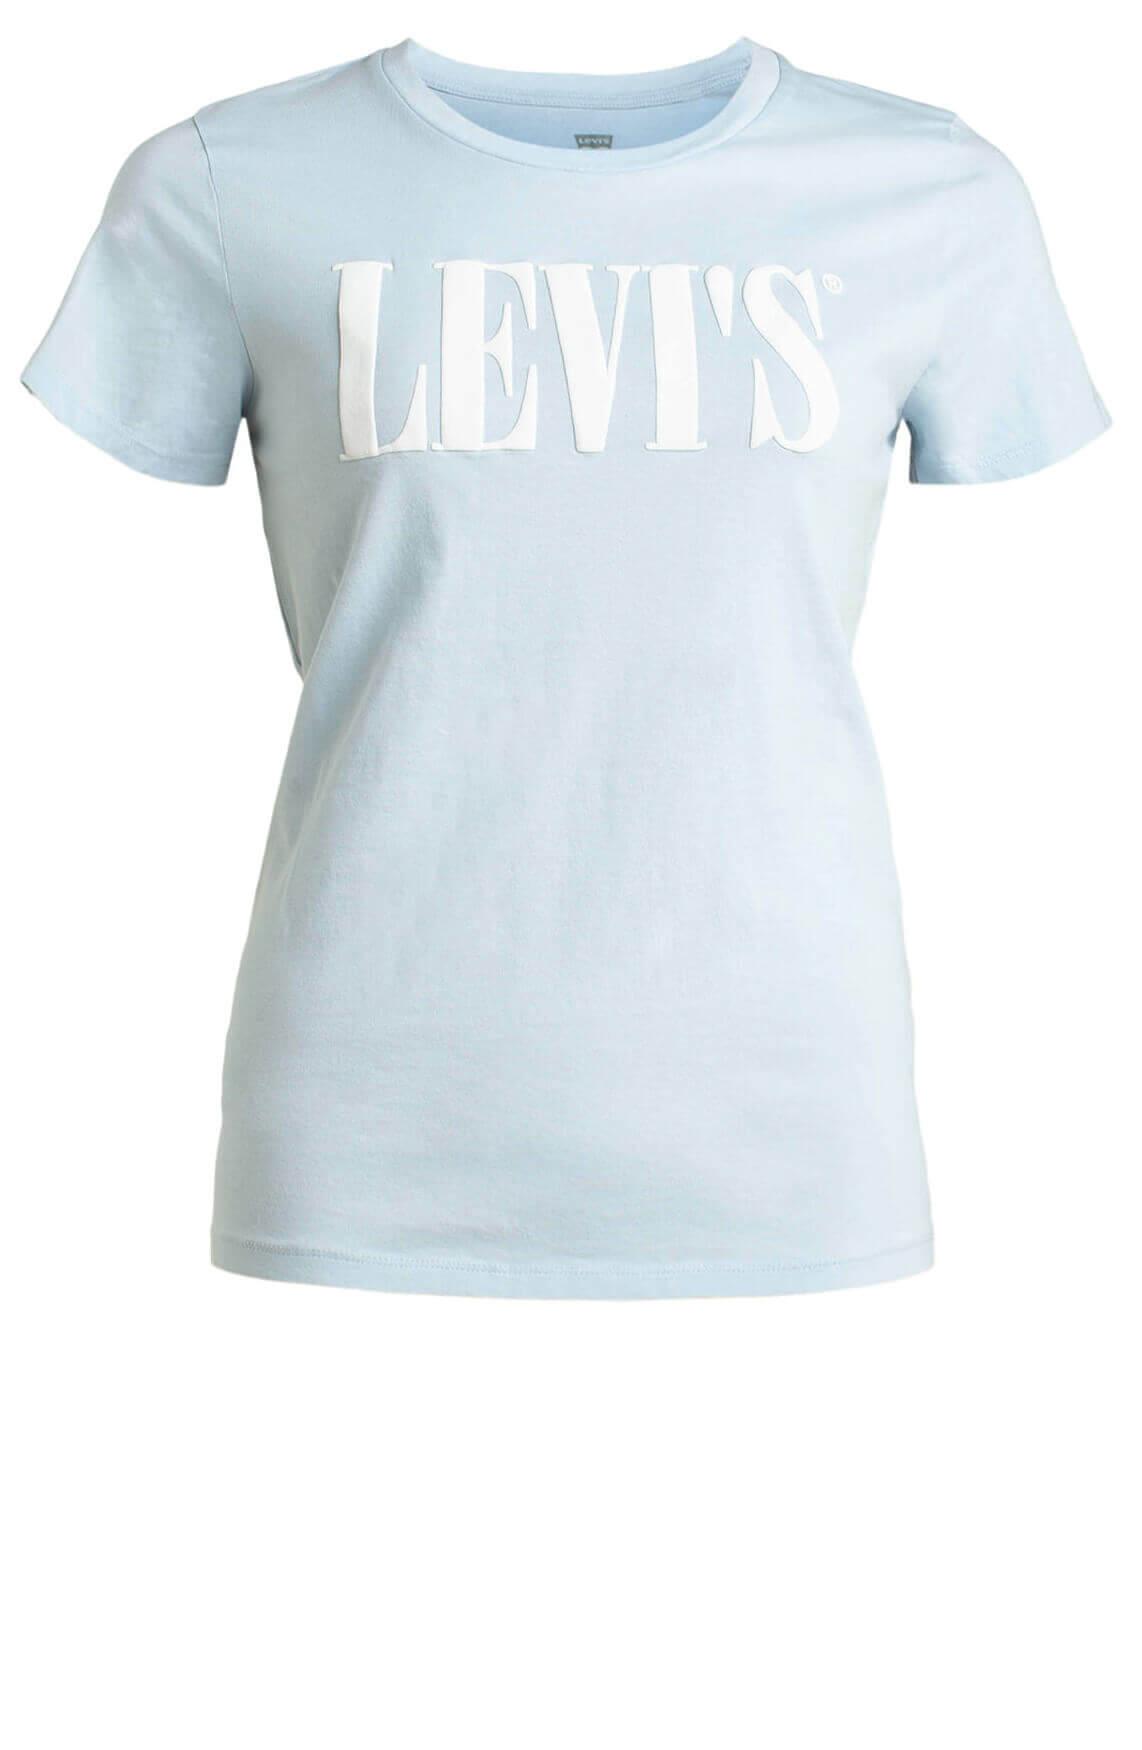 Levi s Dames Shirt met tekst opdruk Blauw